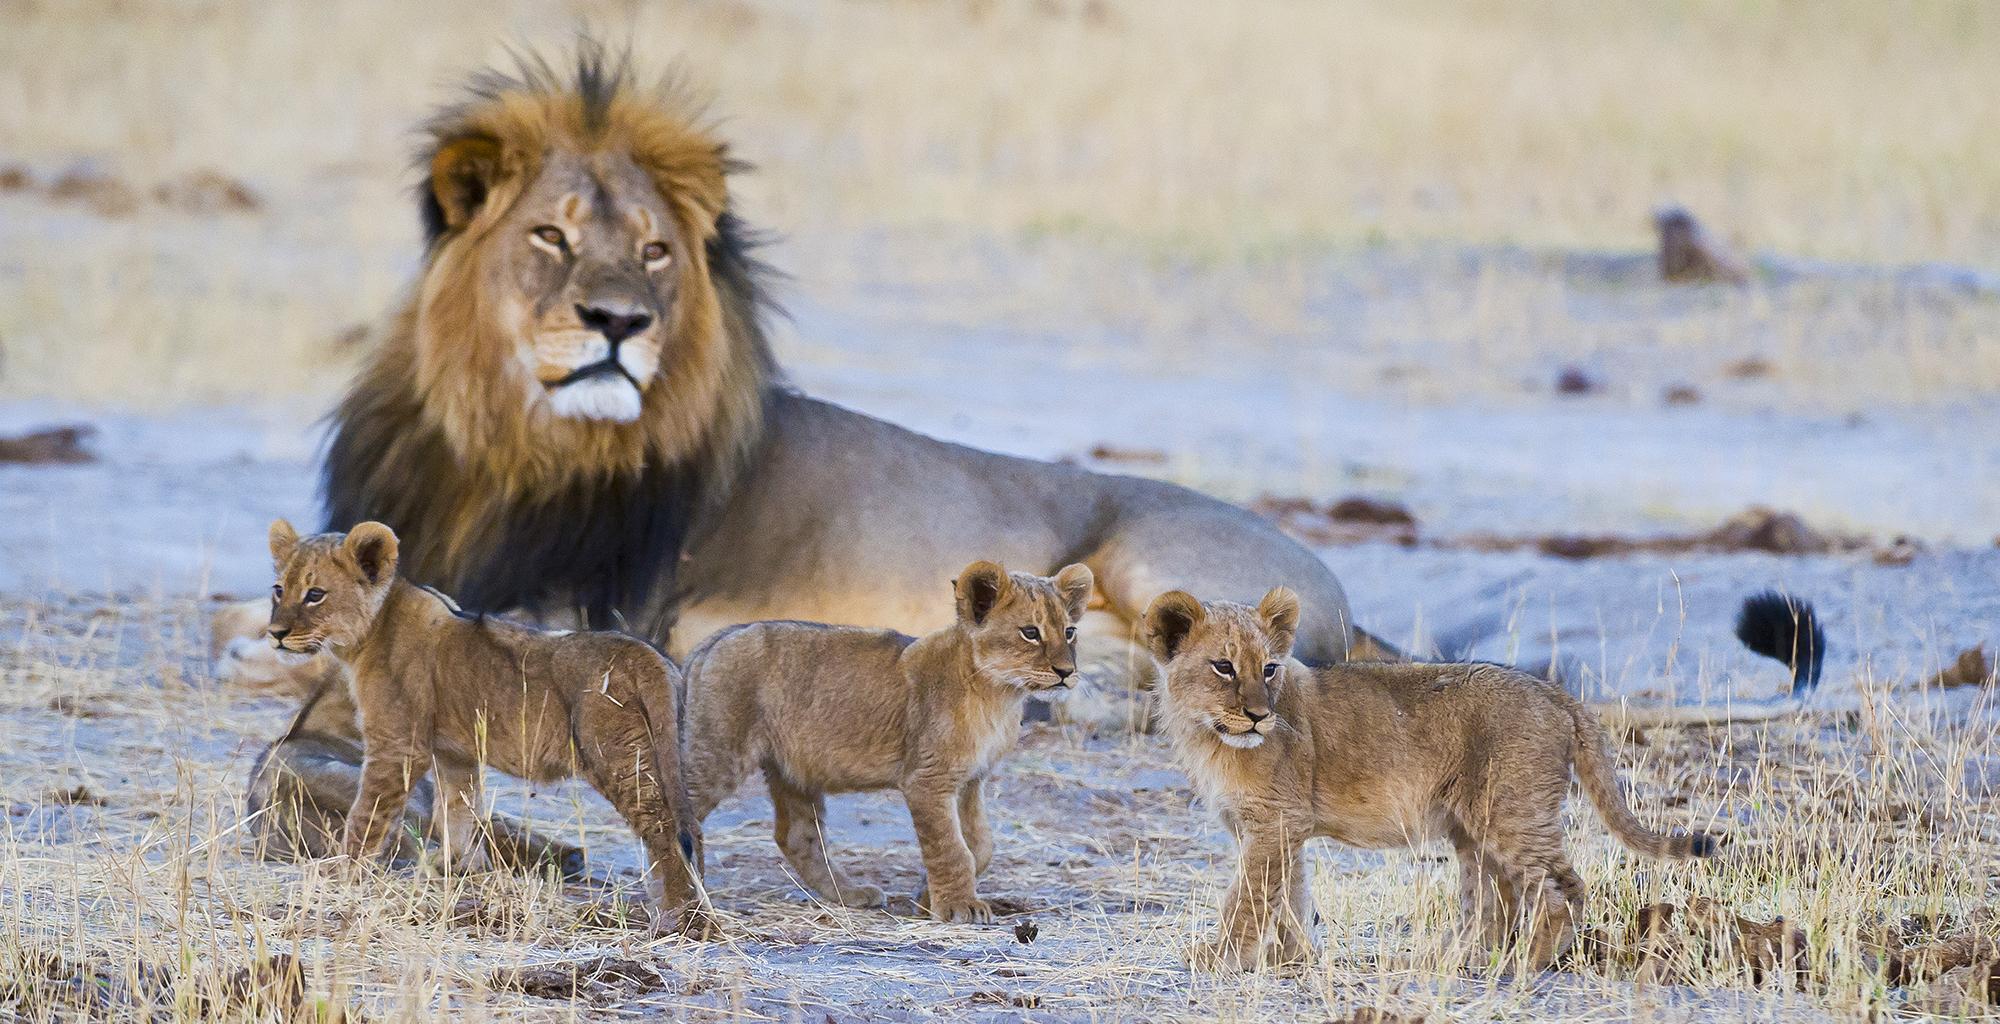 Zimbabwe-Davisons-Camp-Wildlife-Lion